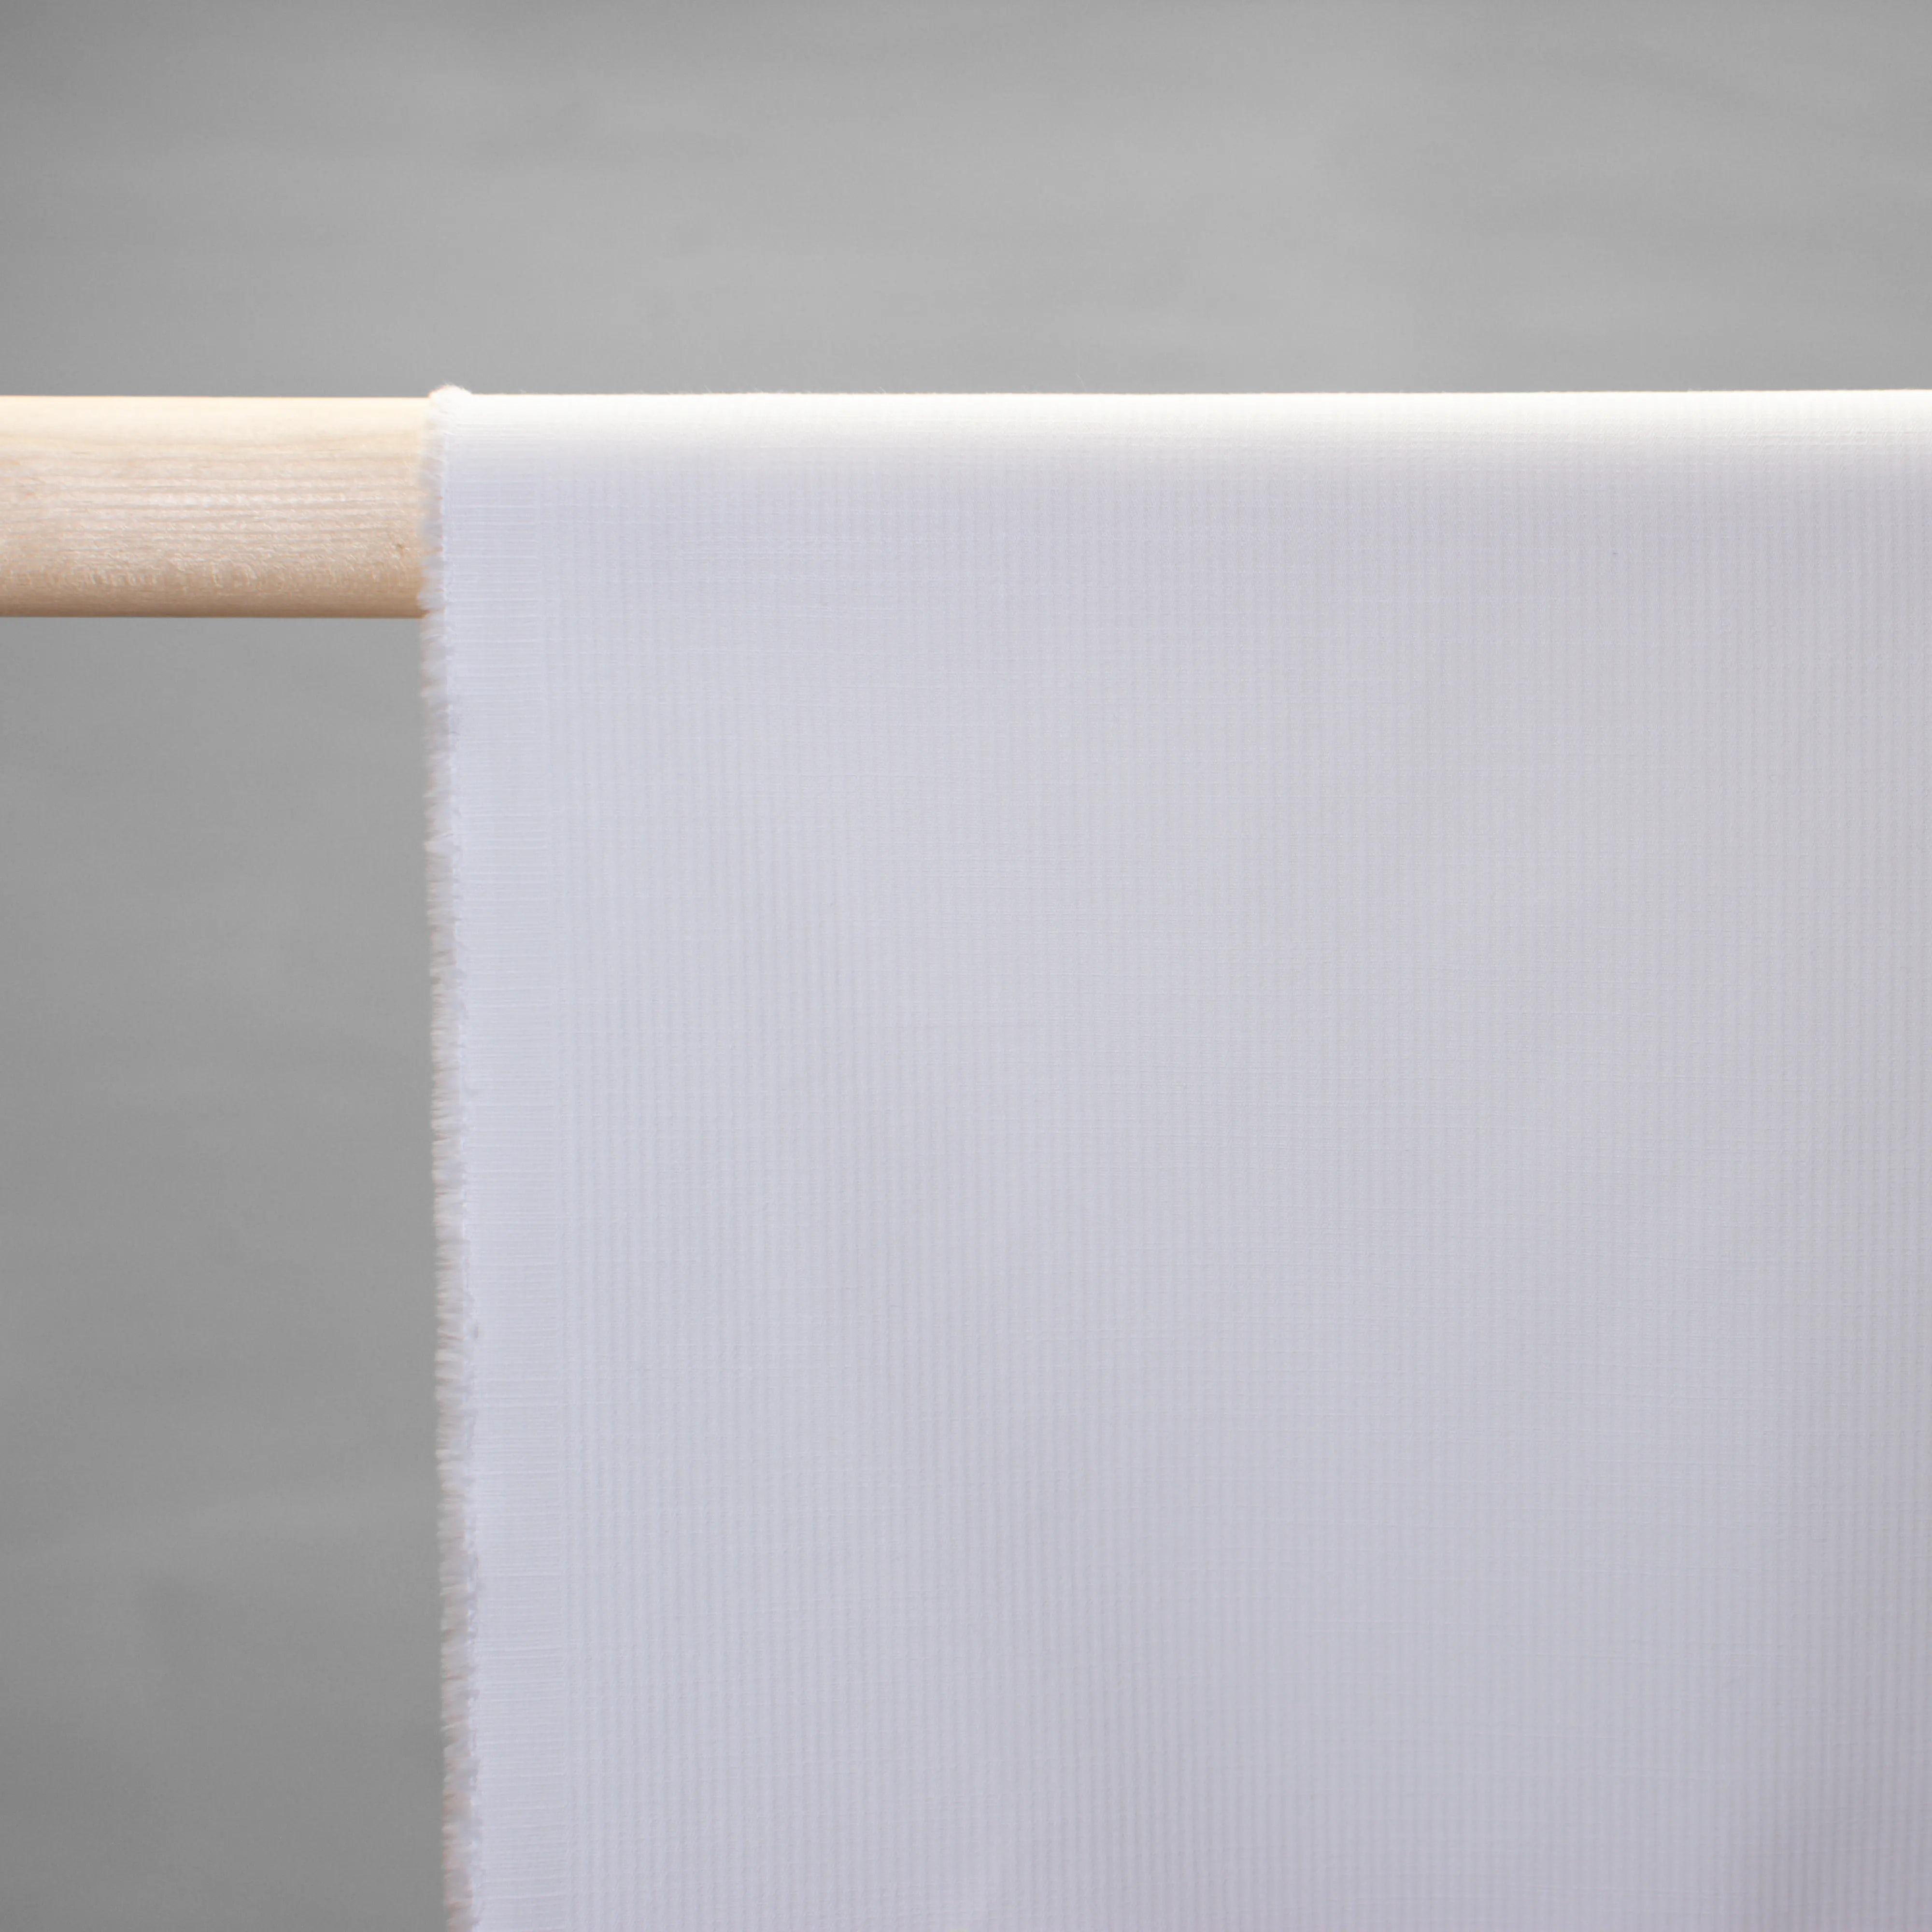 Baumwolle - feiner Fischgrat - weiß